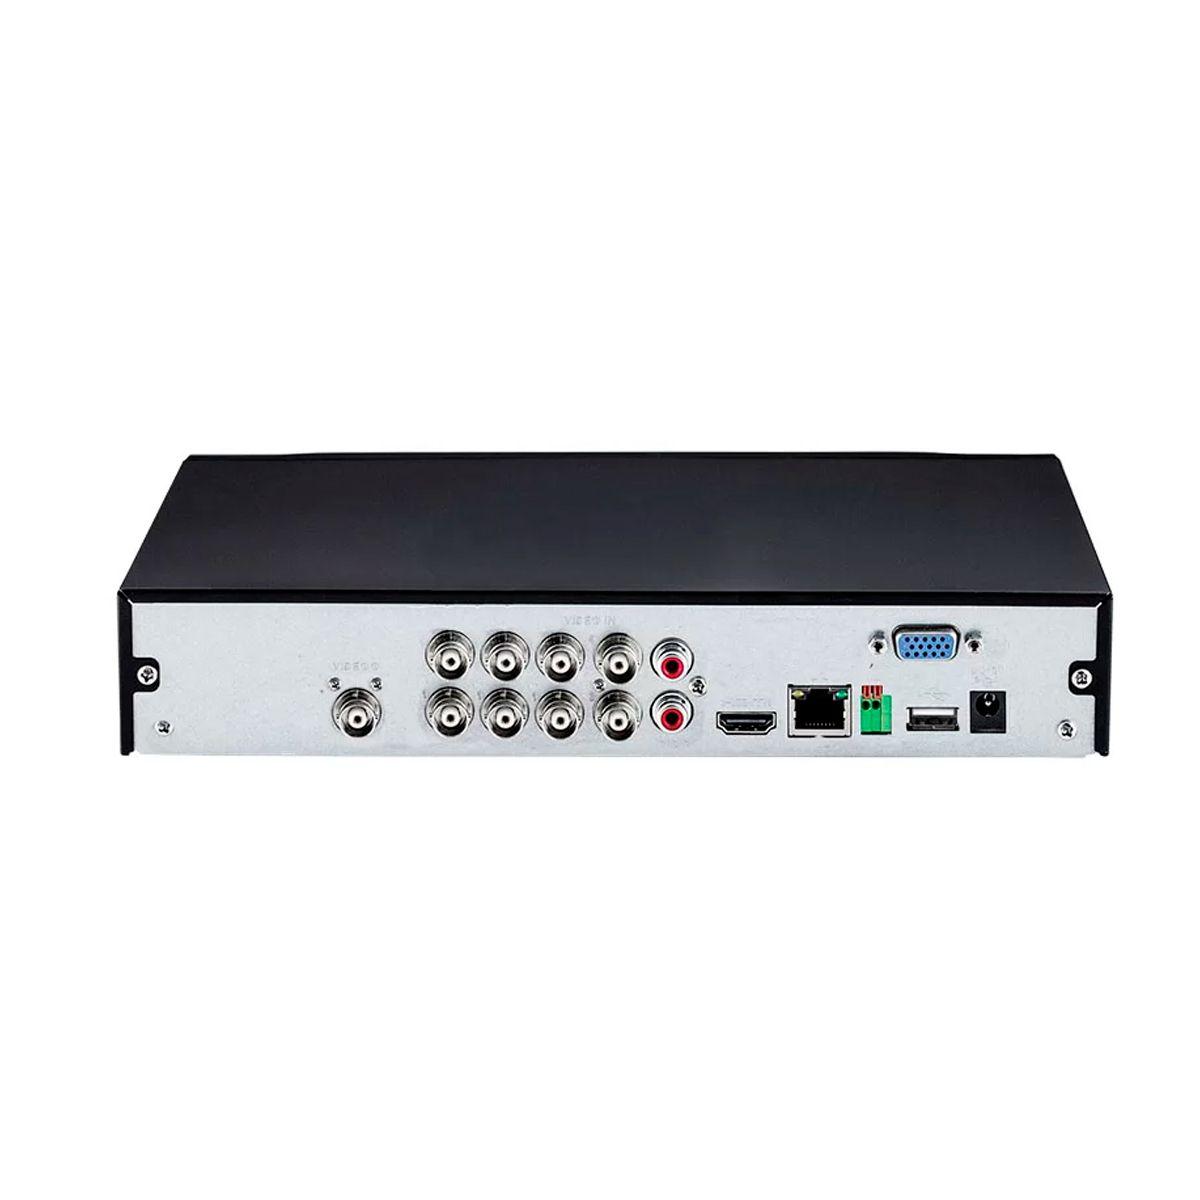 Kit 6 Câmeras VHD 1010 B G5 + DVR Intelbras + App Grátis de Monitoramento, Câmeras HD 720p 10m Infravermelho de Visão Noturna Intelbras + Fonte, Cabos e Acessórios  - Tudo Forte